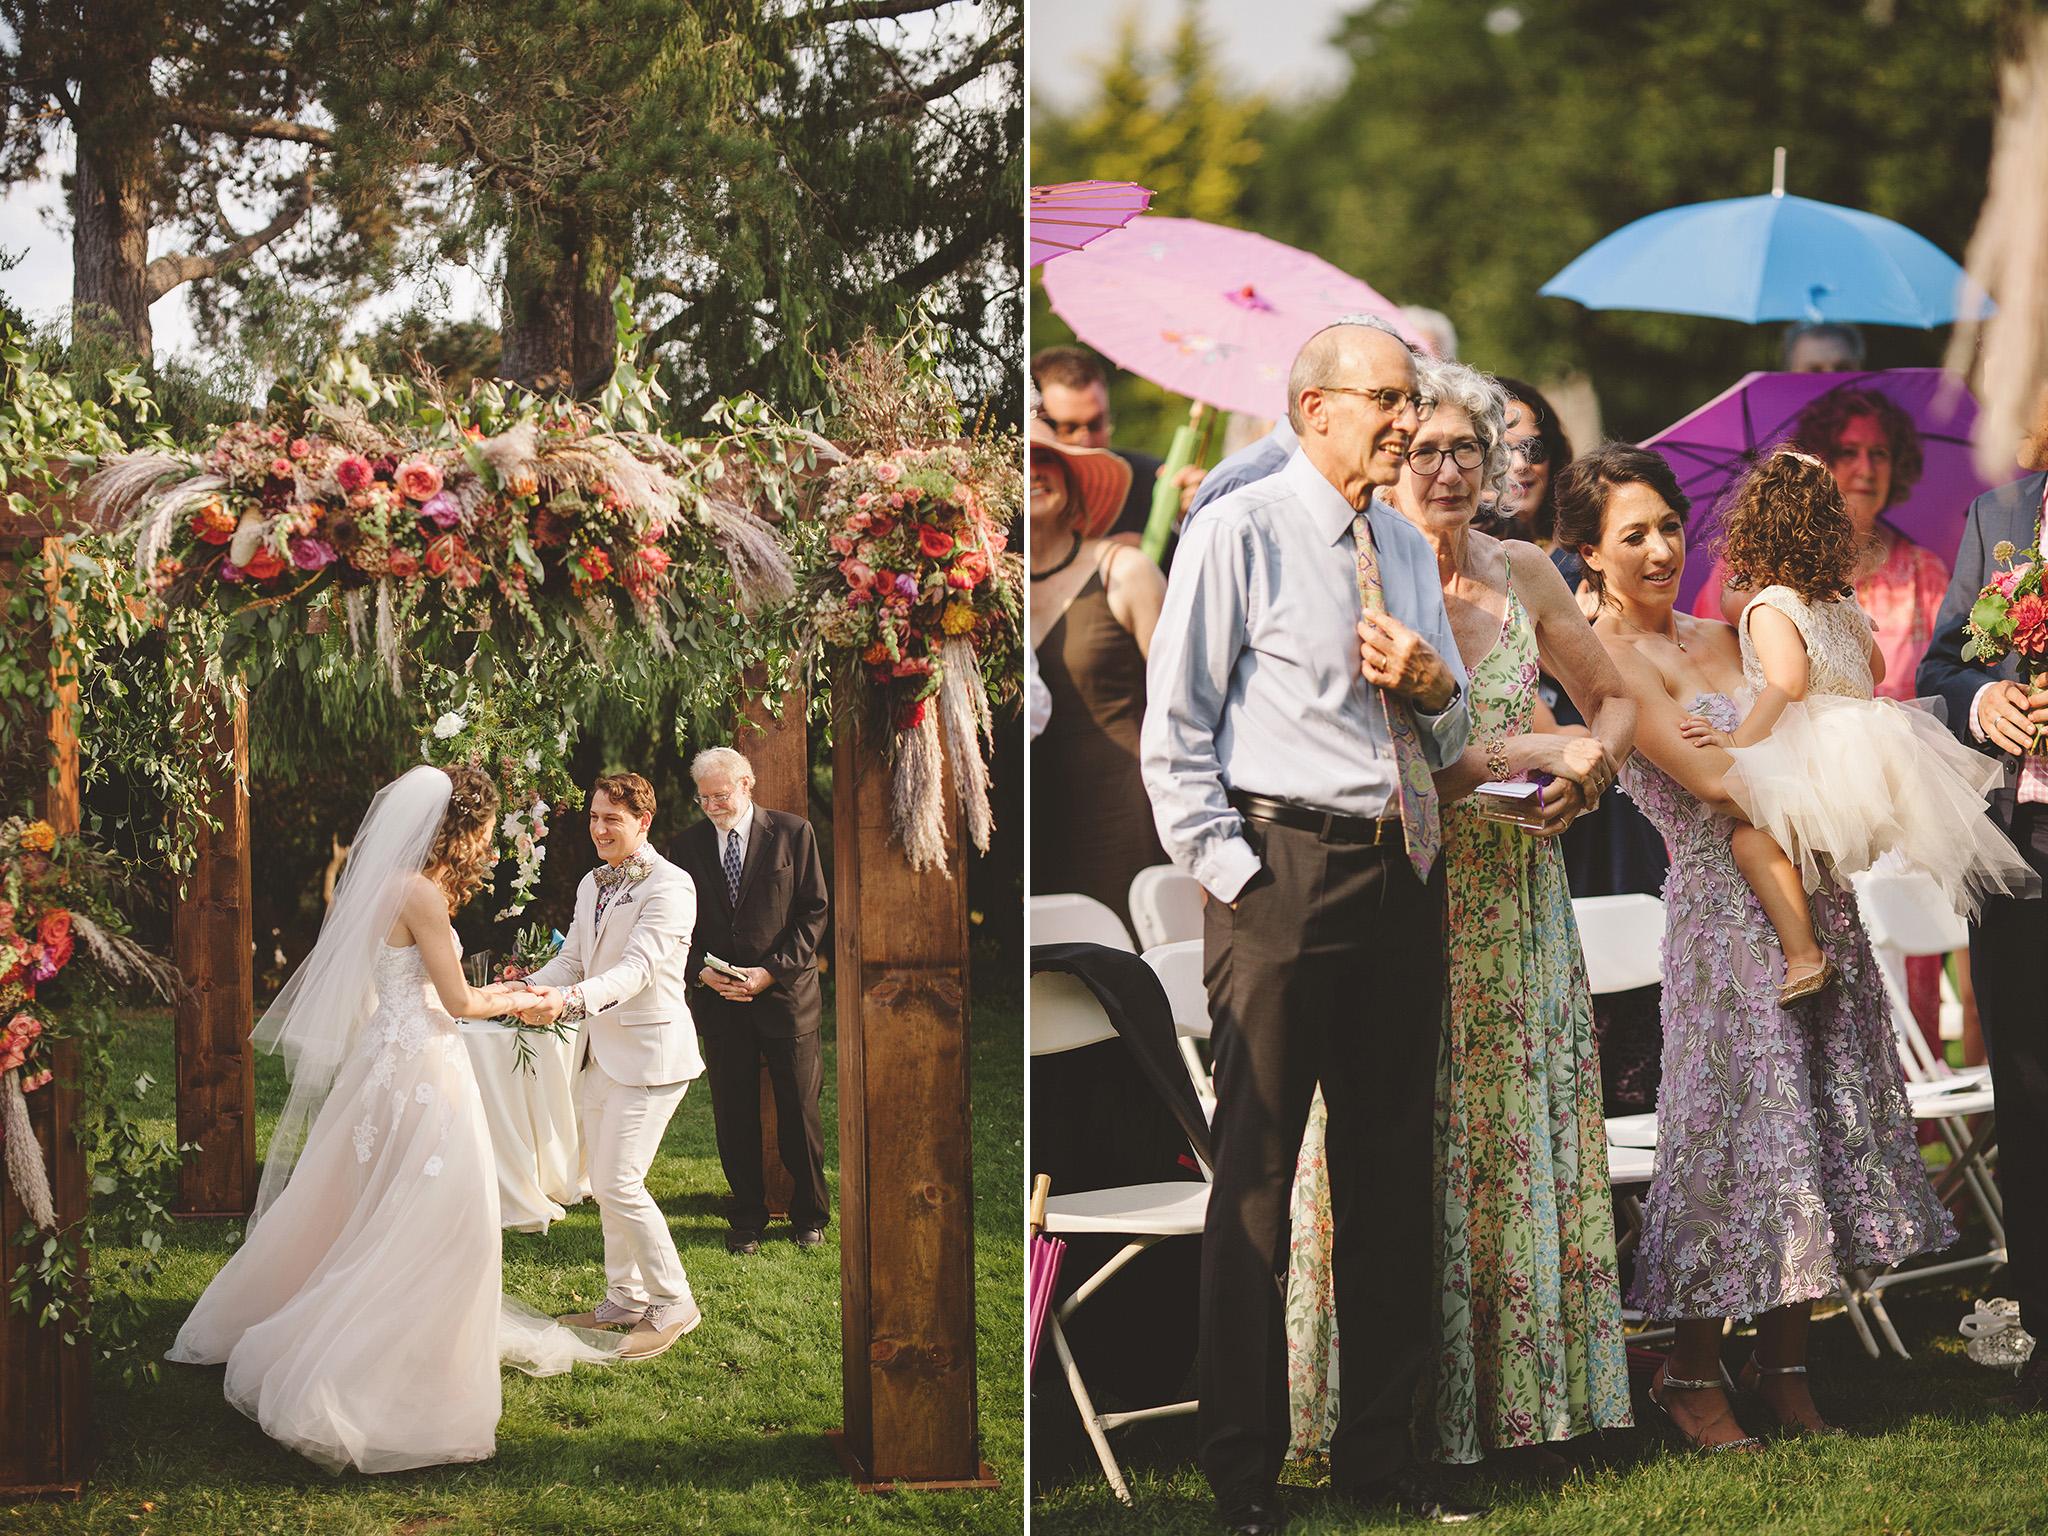 Kohl Mansion Wedding in San Francisco Outdoor wedding venue